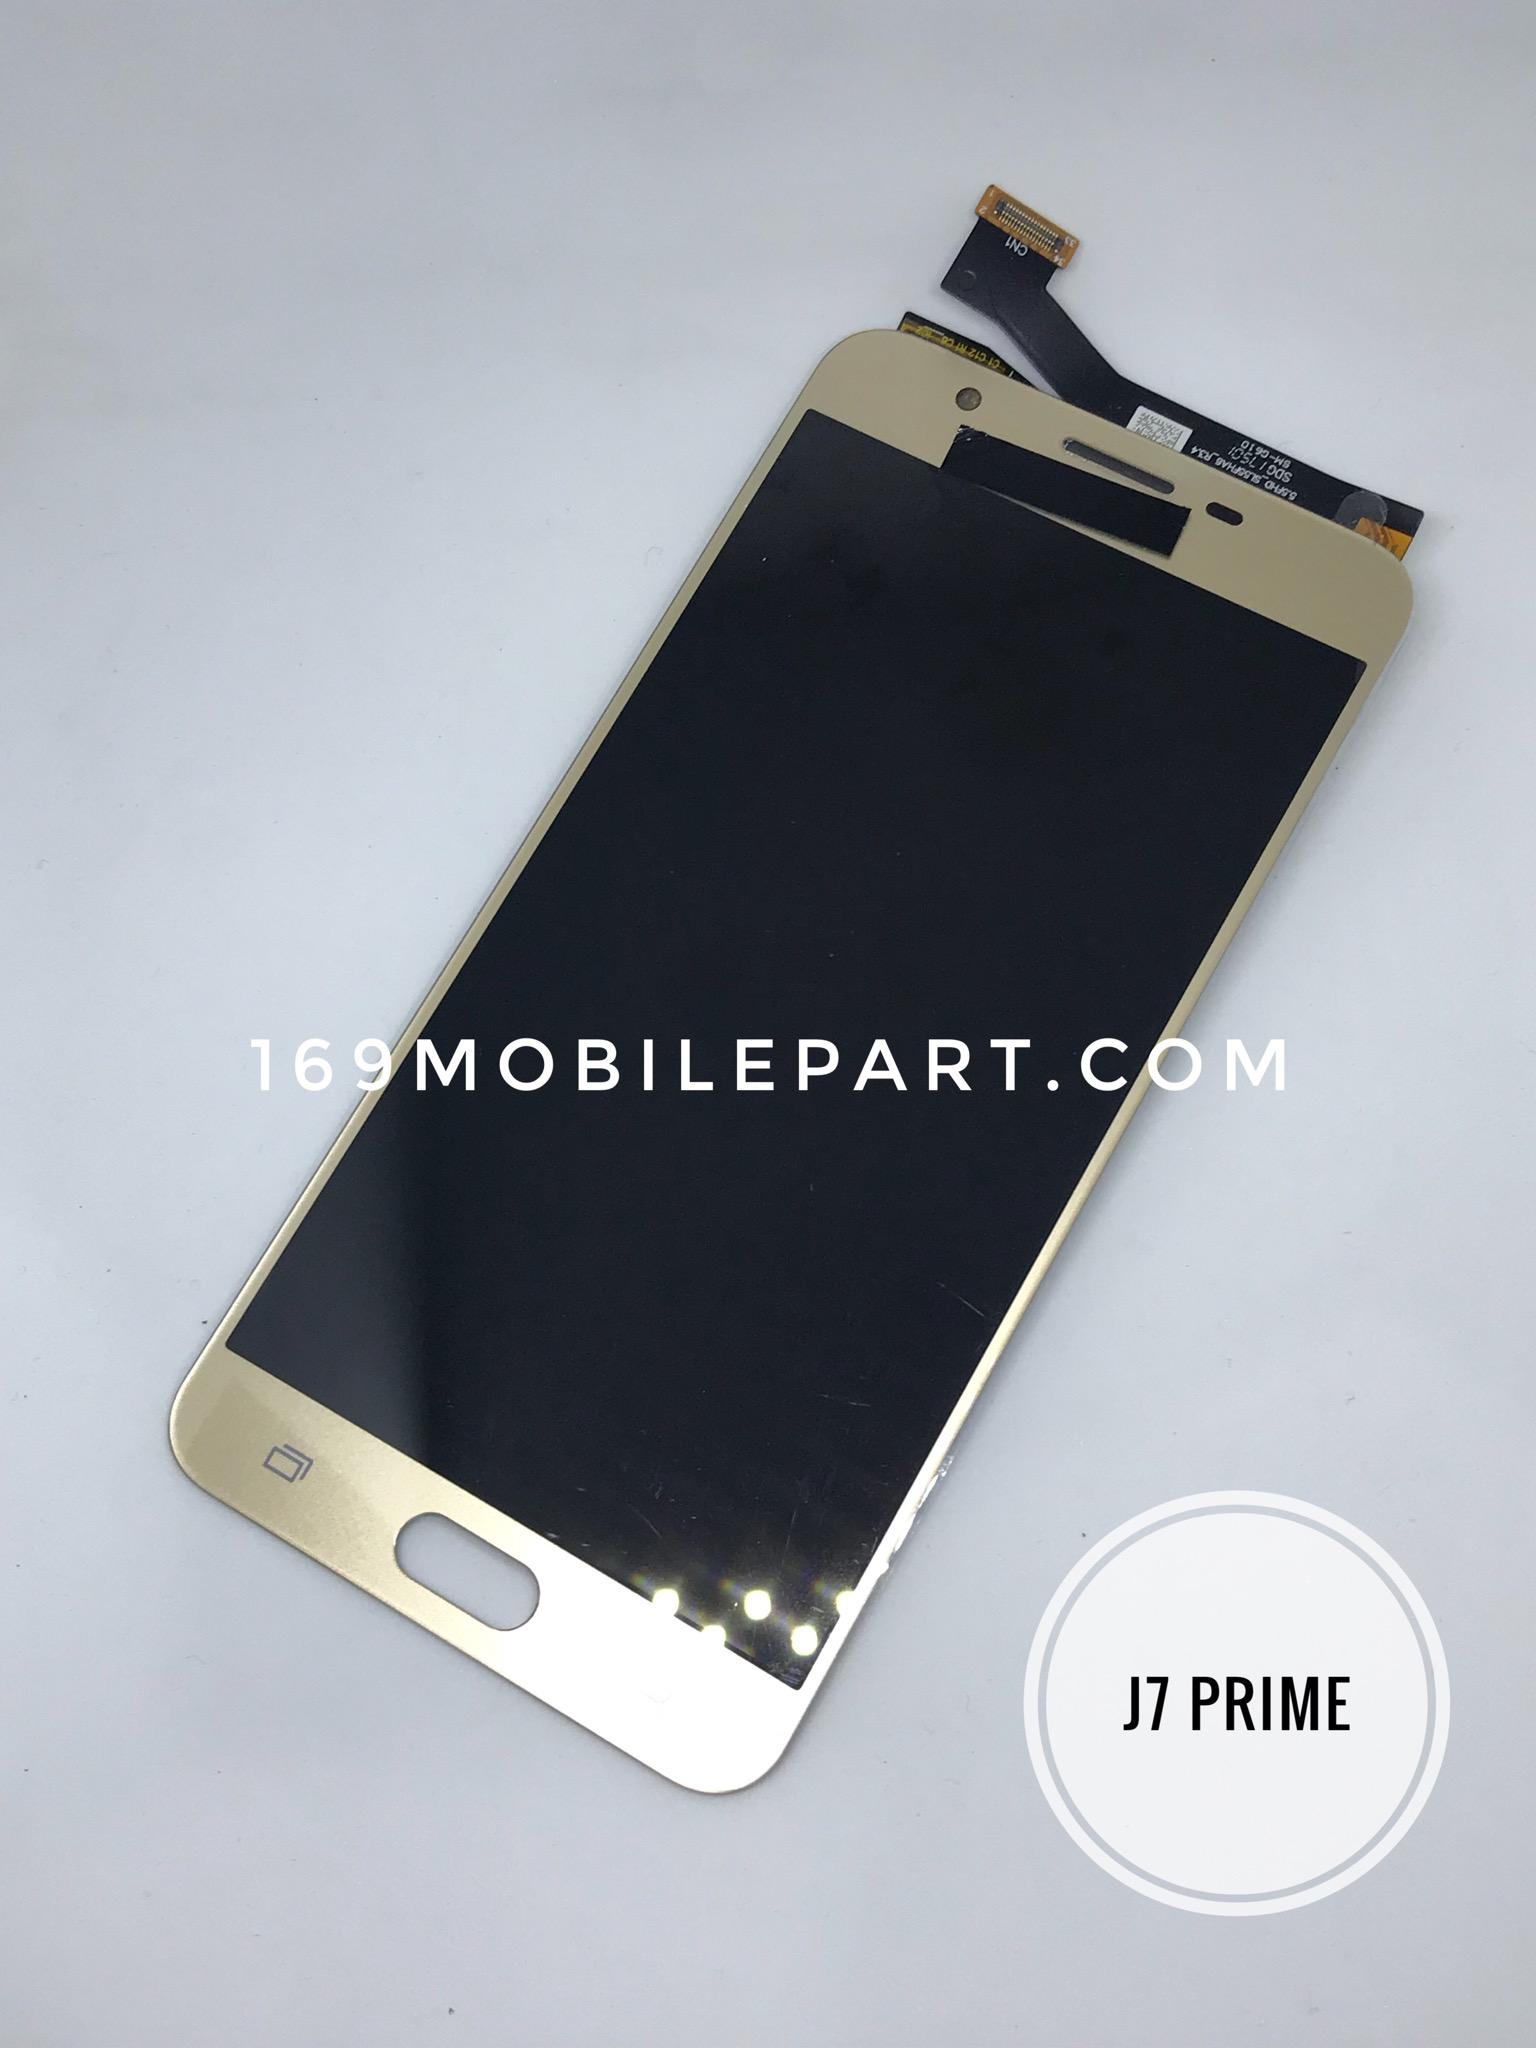 หน้าจอซัมซุง Samsung Galaxy J7 Prime สีทอง (จอชุด)